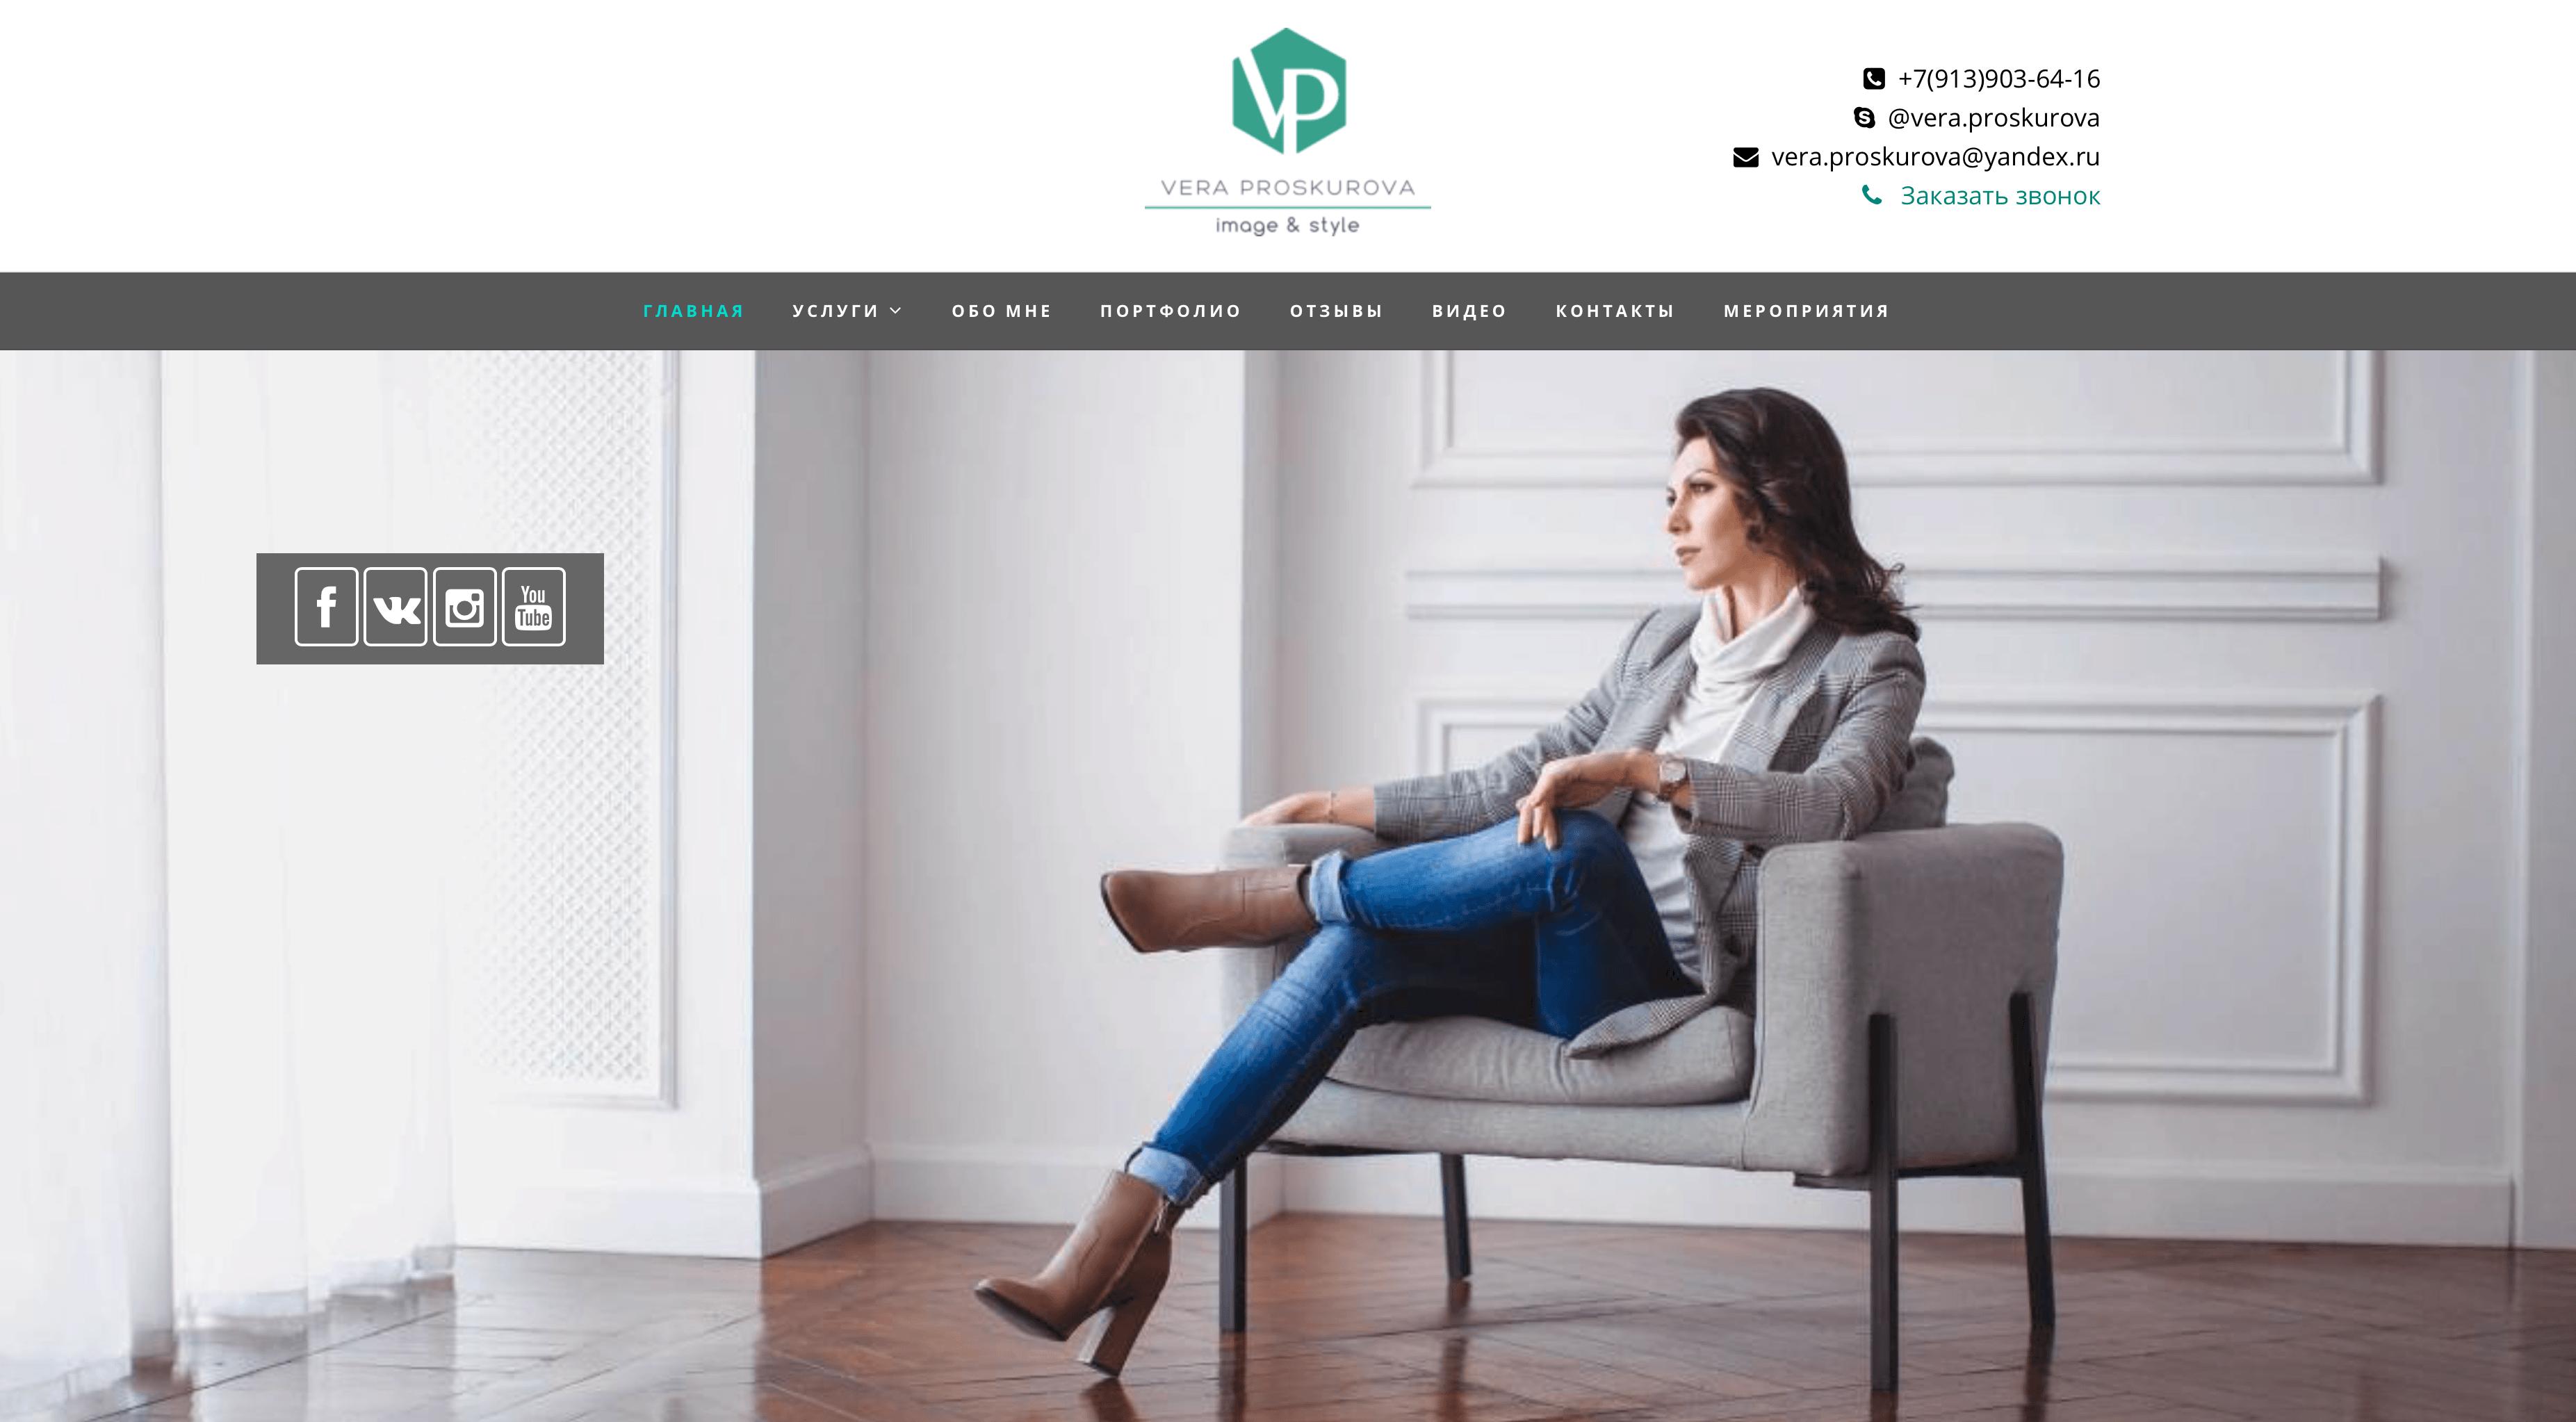 Произведена доработка сайта для имидж-стилиста Веры Проскуровой.Платформа - WordPressСрок изготовления сайта - в сумме порядка 1 недели вместе с согласованием деталей.Посмотреть сайт - http://veraproskurova.com